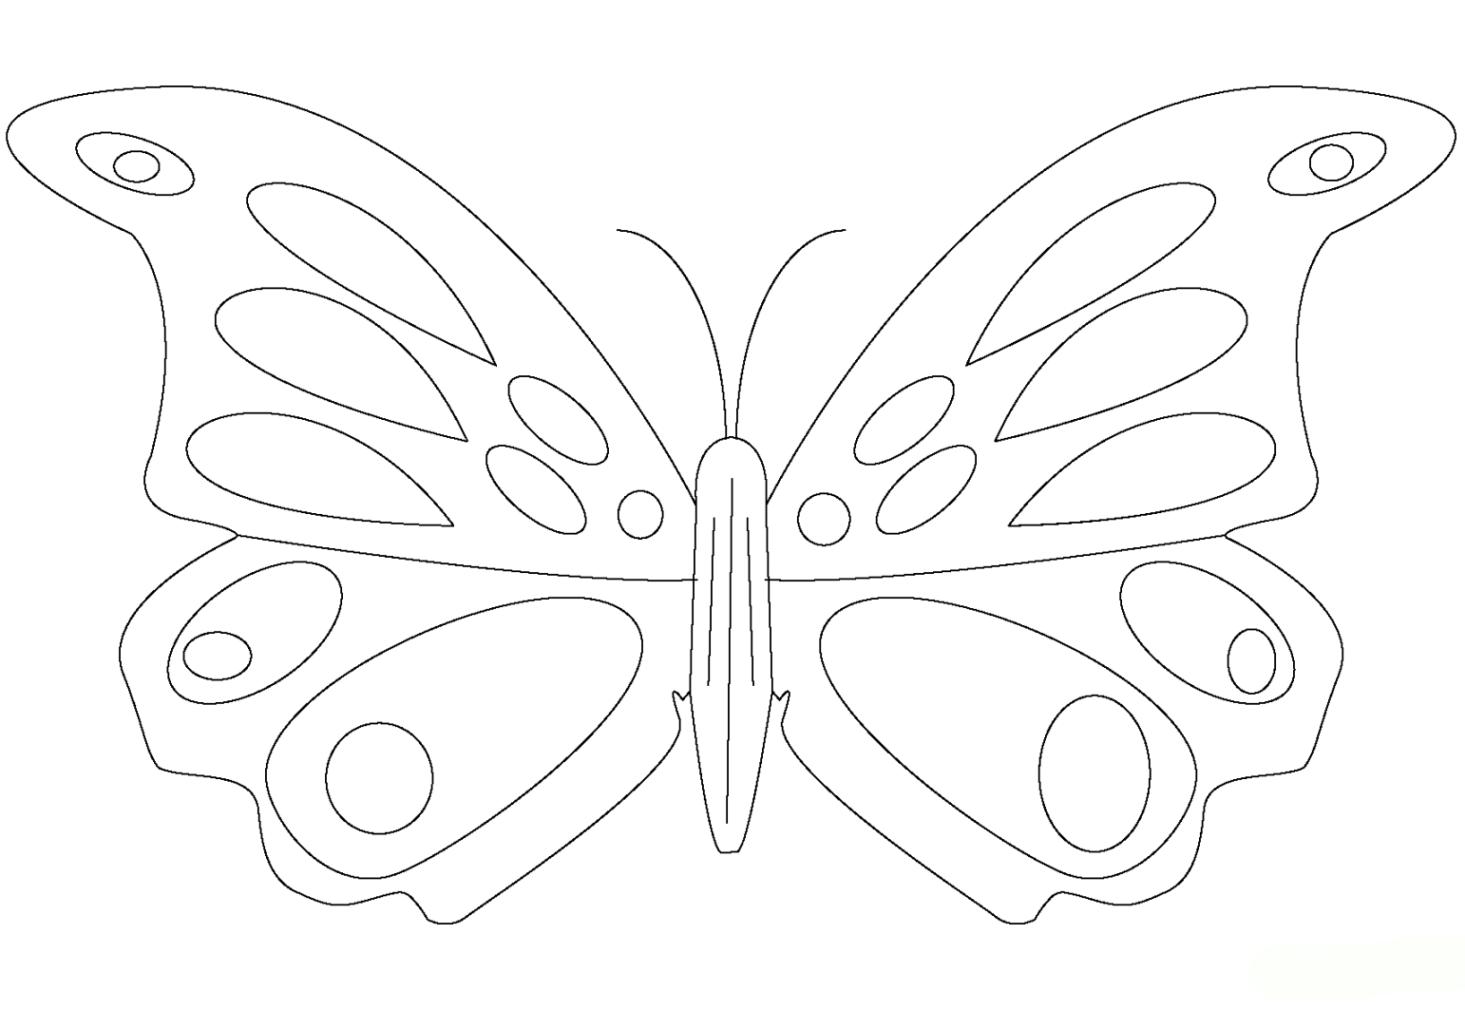 Atemberaubend Erweiterte Malvorlagen Schmetterling Bilder ...